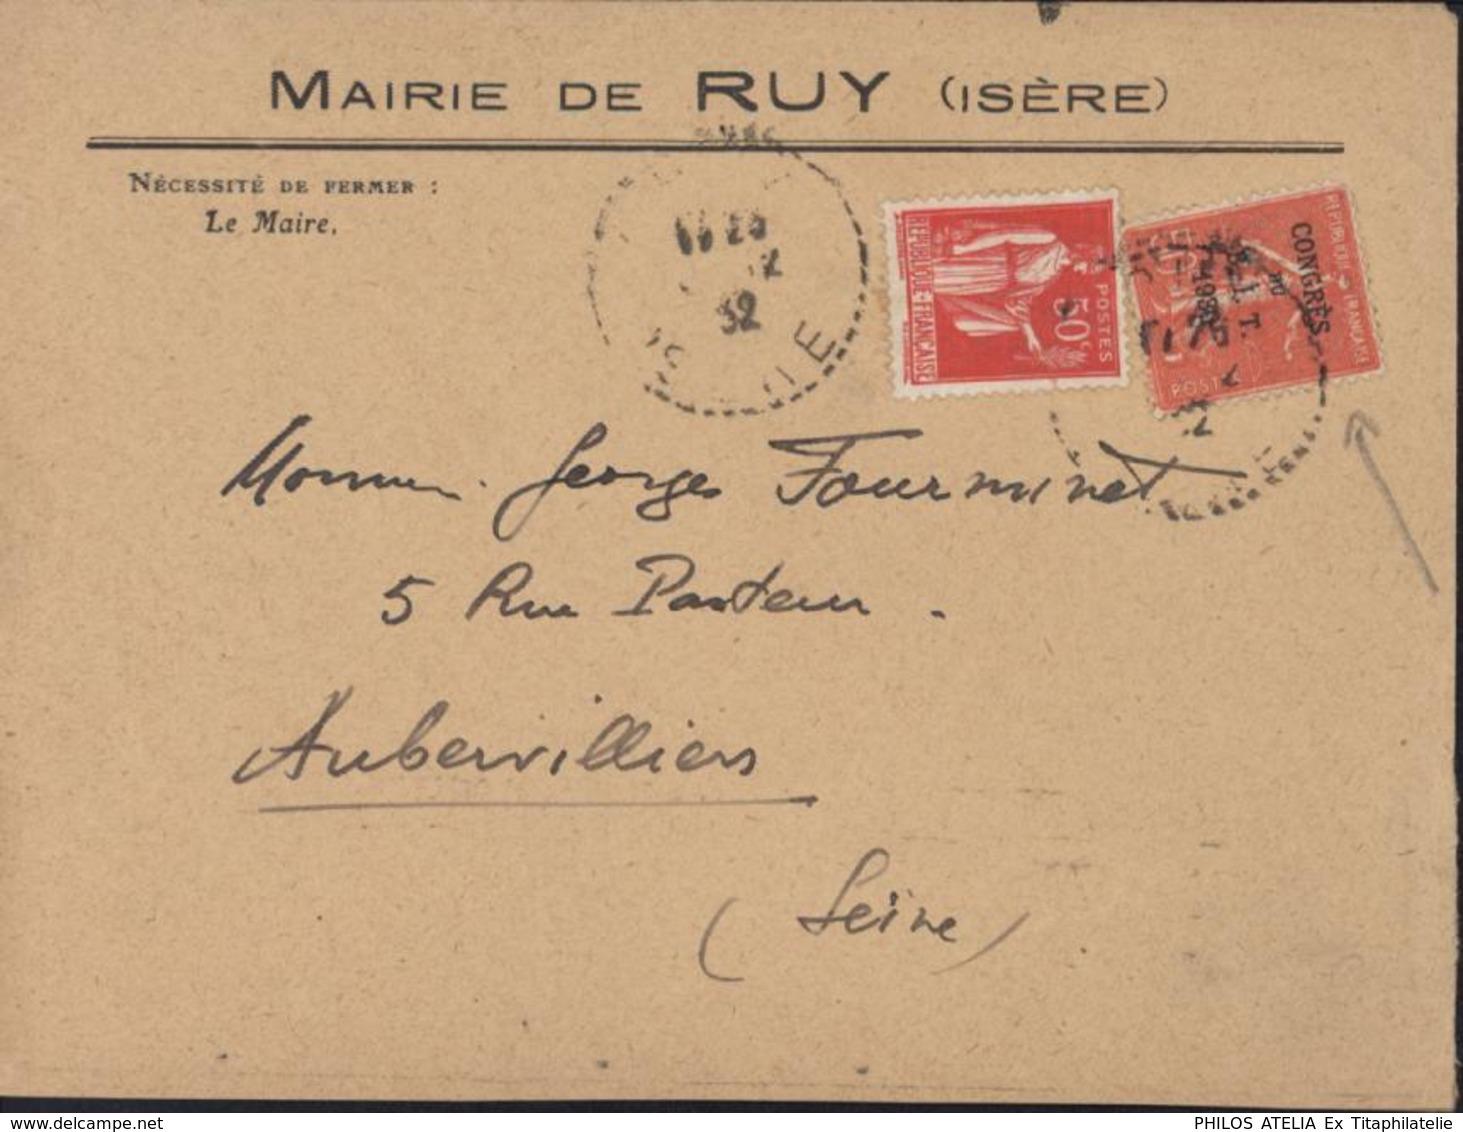 YT 283 264 Semeuse Lignée Congrès Du BIT 1930 CAD Ruy Isère ? 12 32 Arrivée Aubervilliers 9 XII 32 Flamme Poste Aérienne - Poststempel (Briefe)